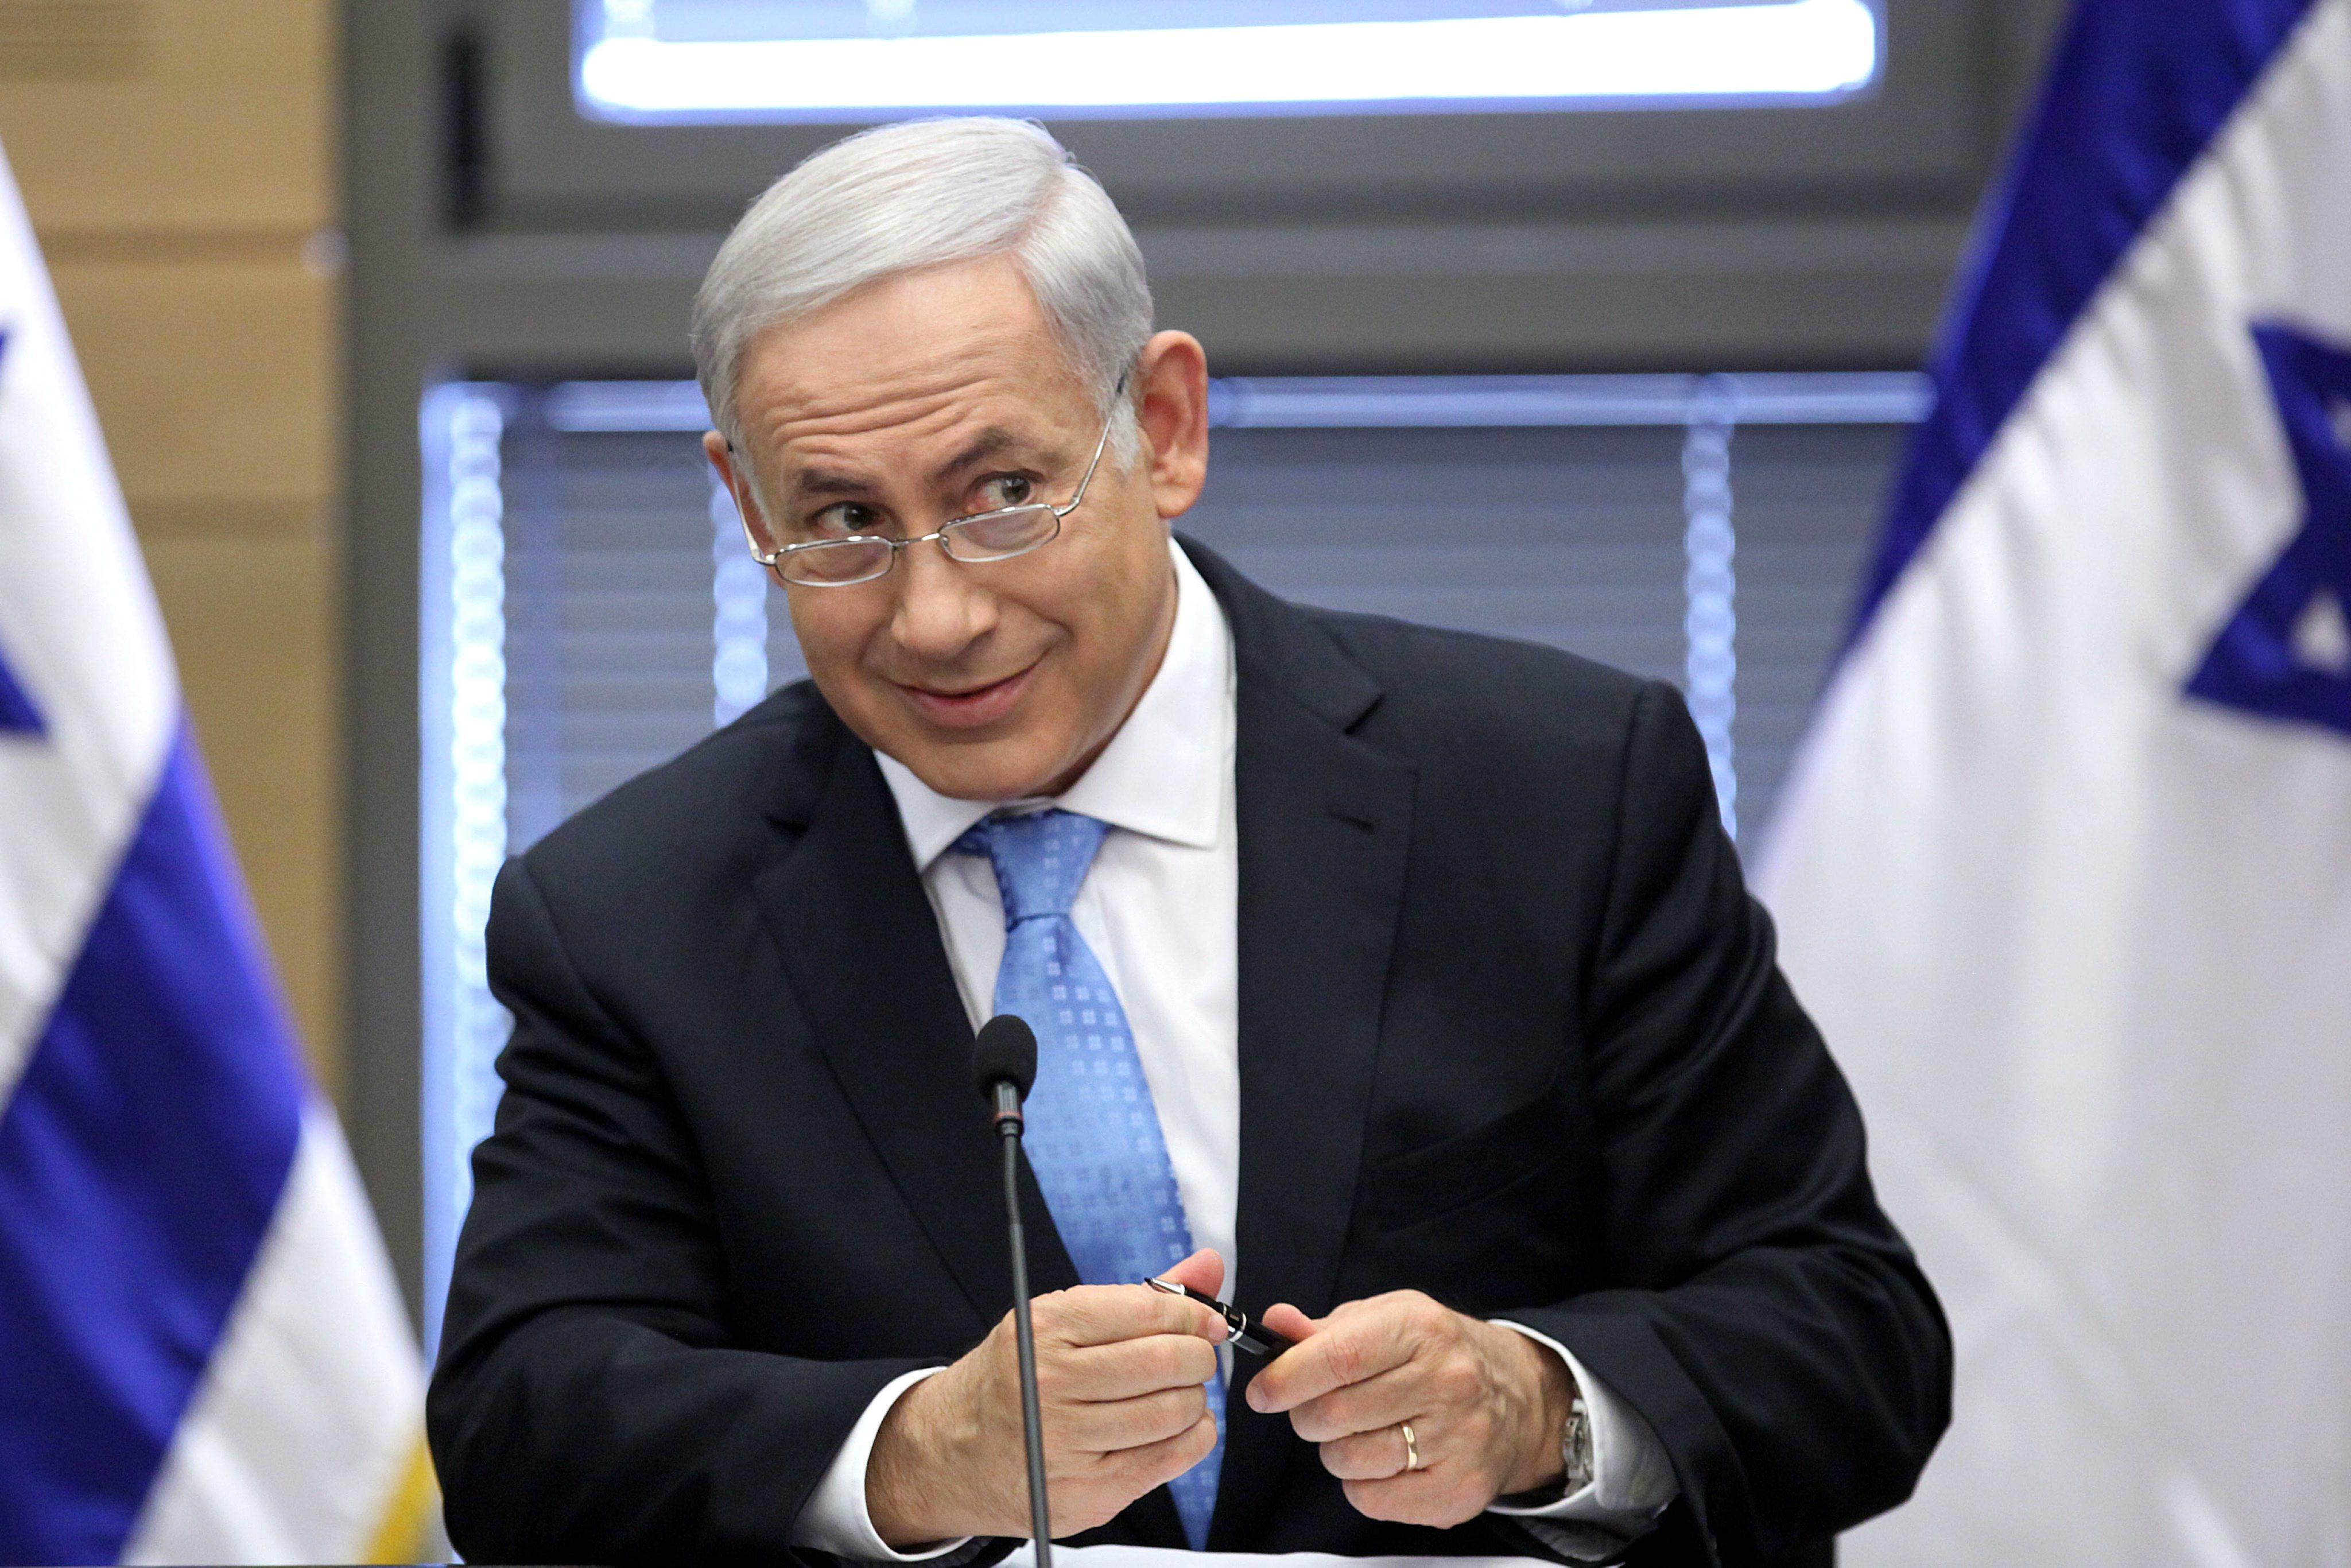 Ισραήλ: πρόωρες εκλογές ανακοινώνει την Κυριακή ο Νεντανιάχου | tovima.gr